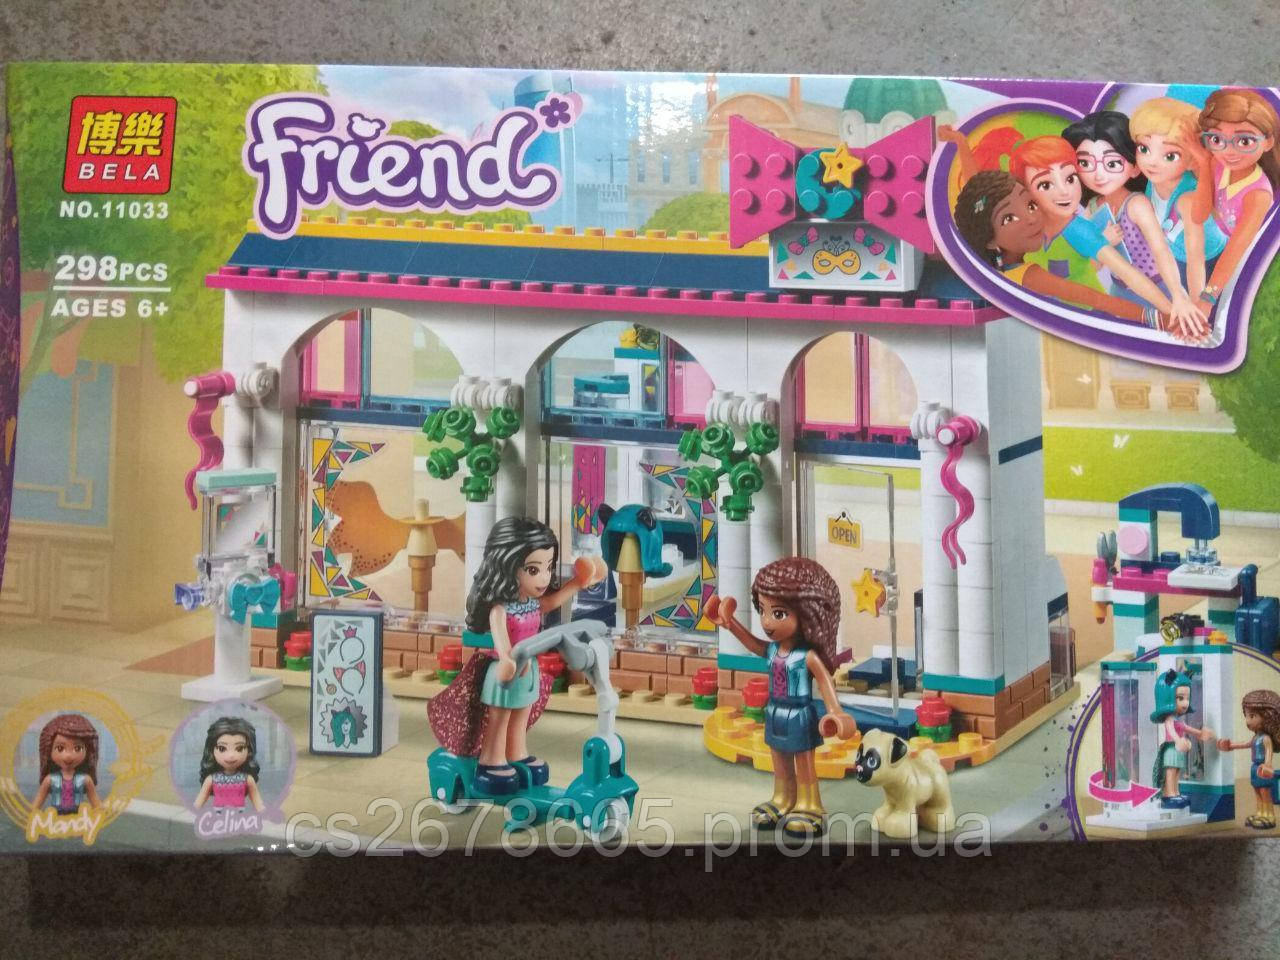 Конструктор Френдс 11033 (аналог Lego Friends 41344) «Дизайнерская мастерская» 298 дет.